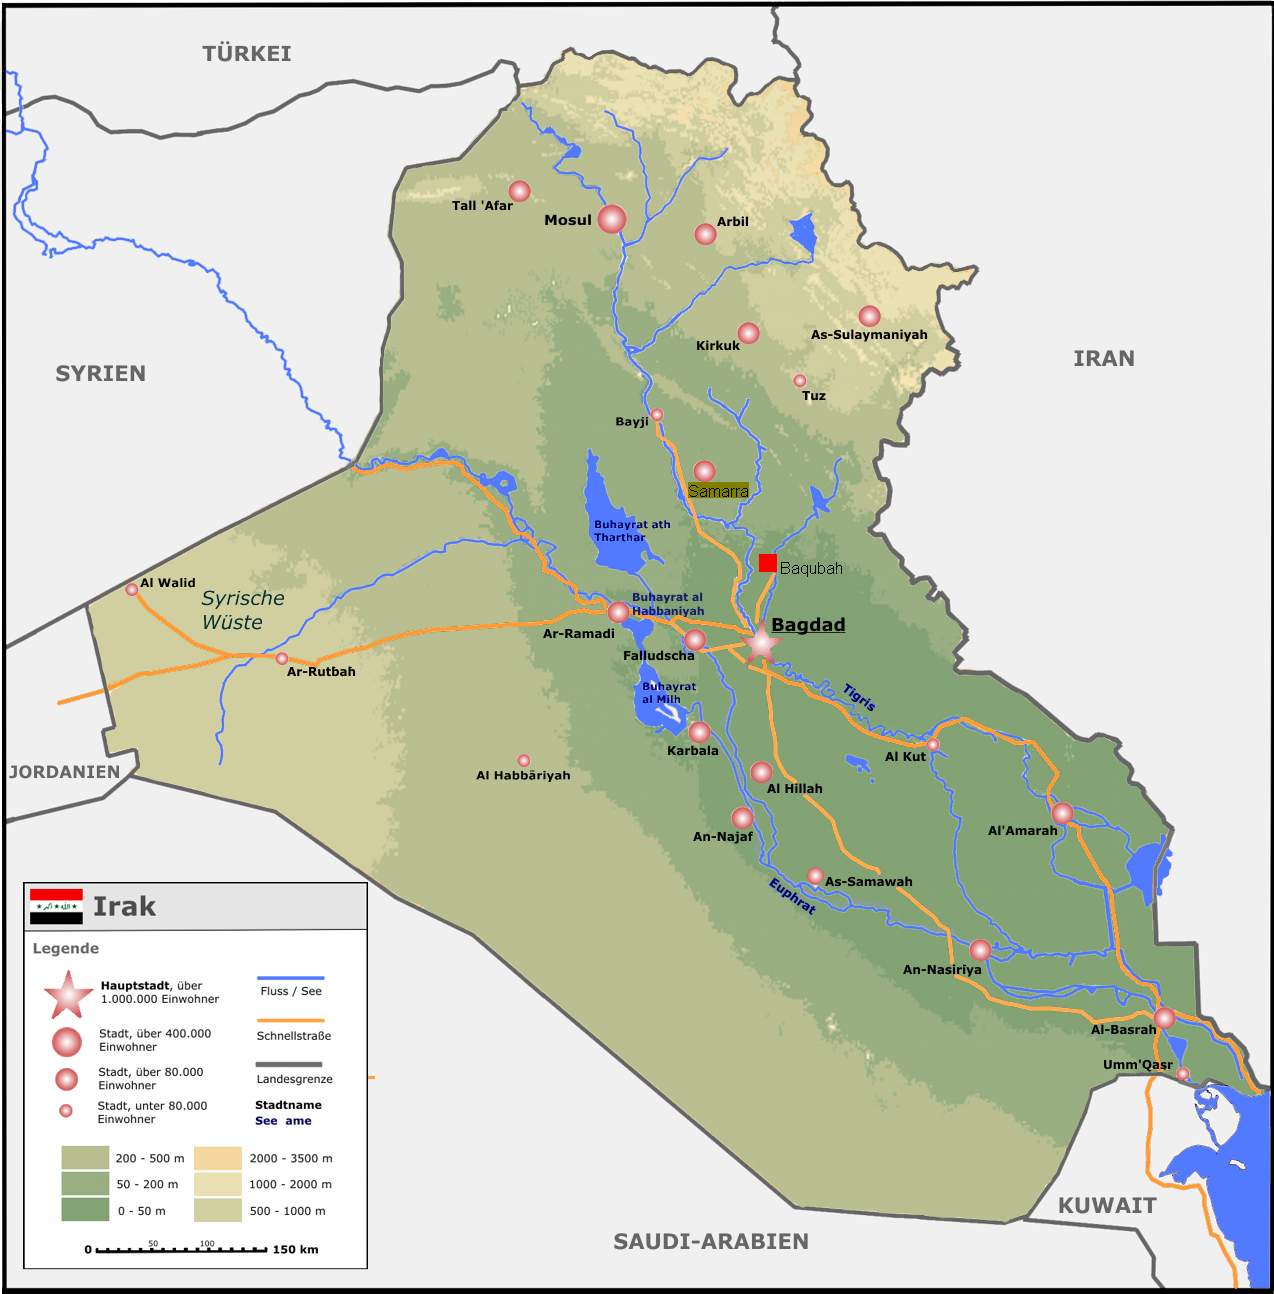 Image:Irak karte2